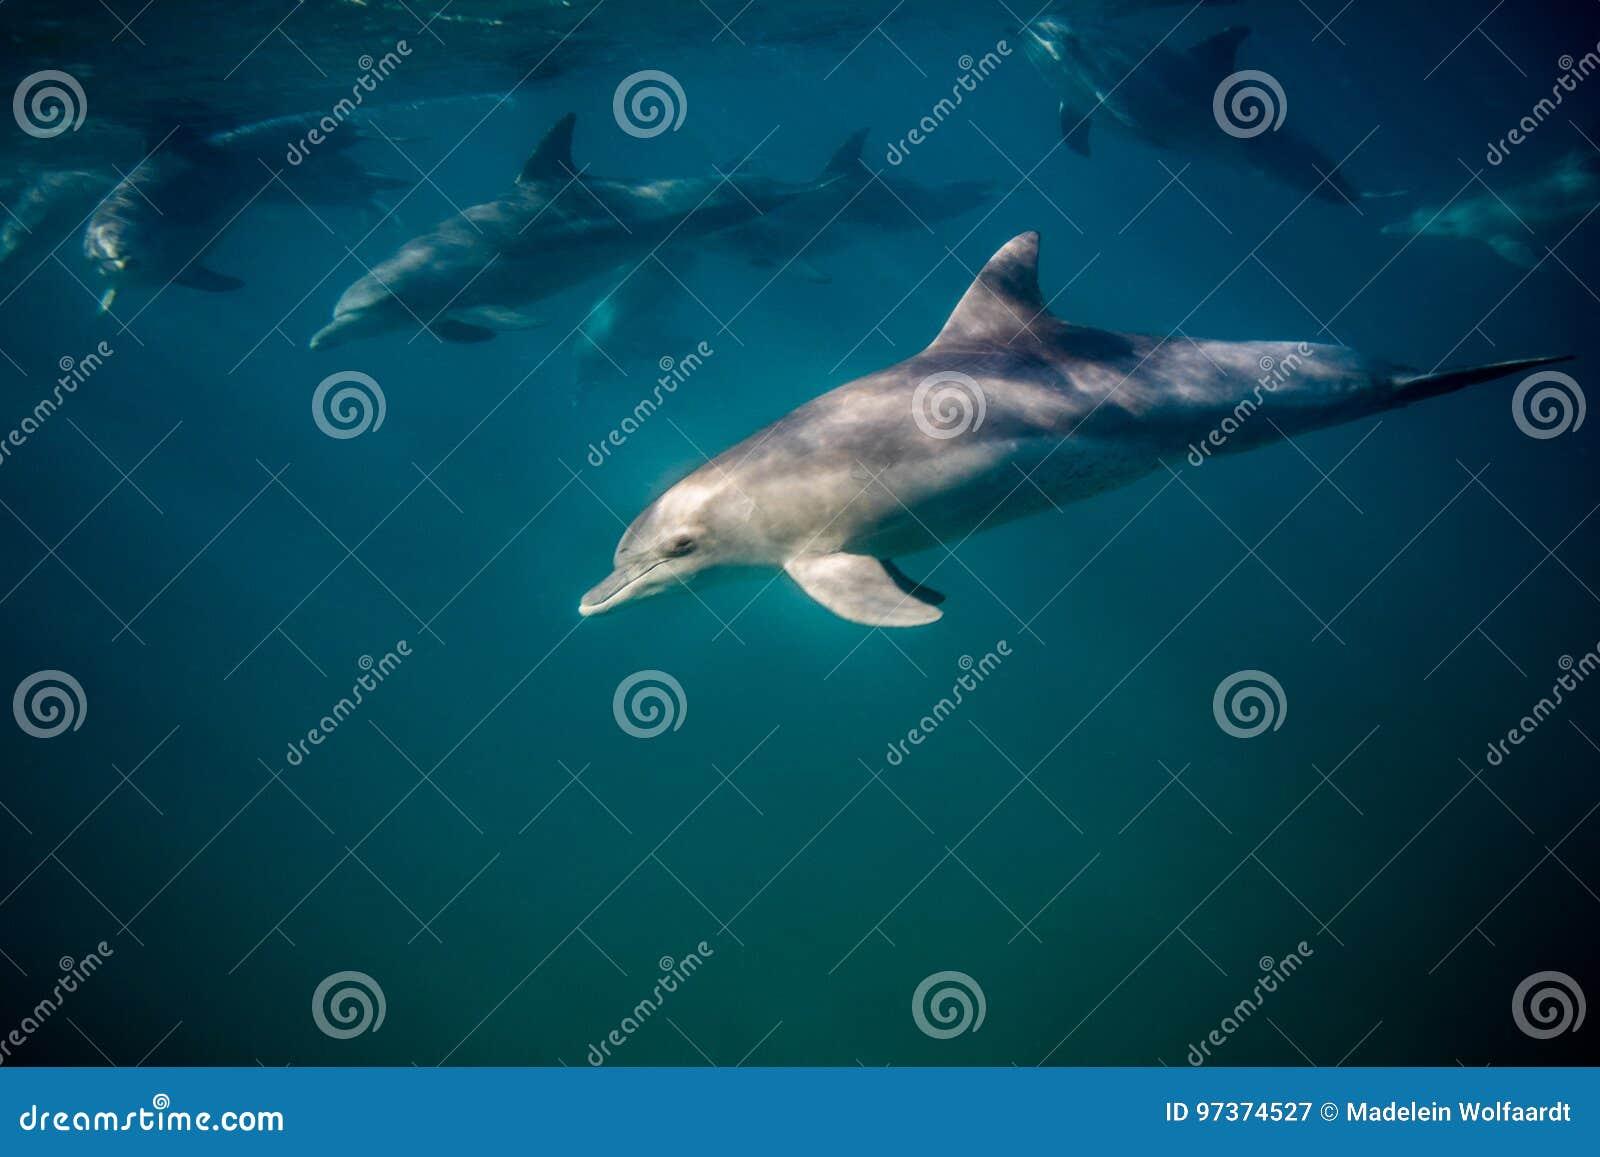 Fles-besnuffeld dolfijn onderwater zijaanzicht